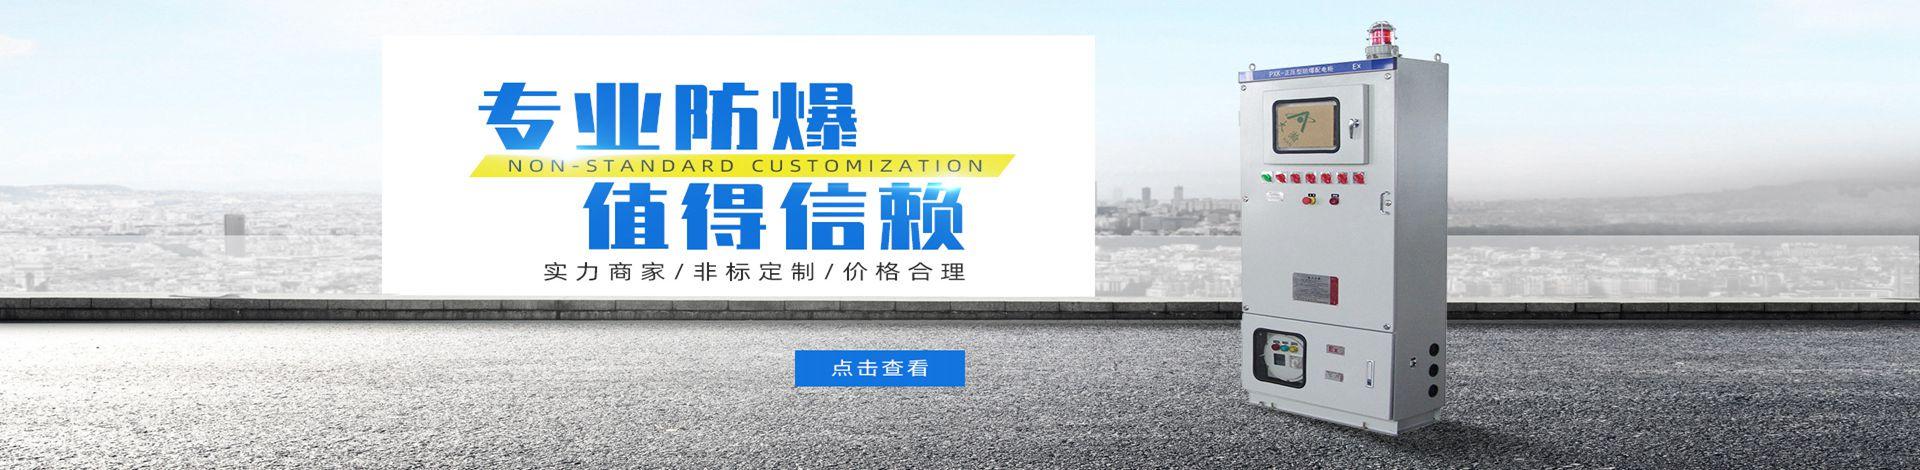 浙江飞骏防爆电气有限公司